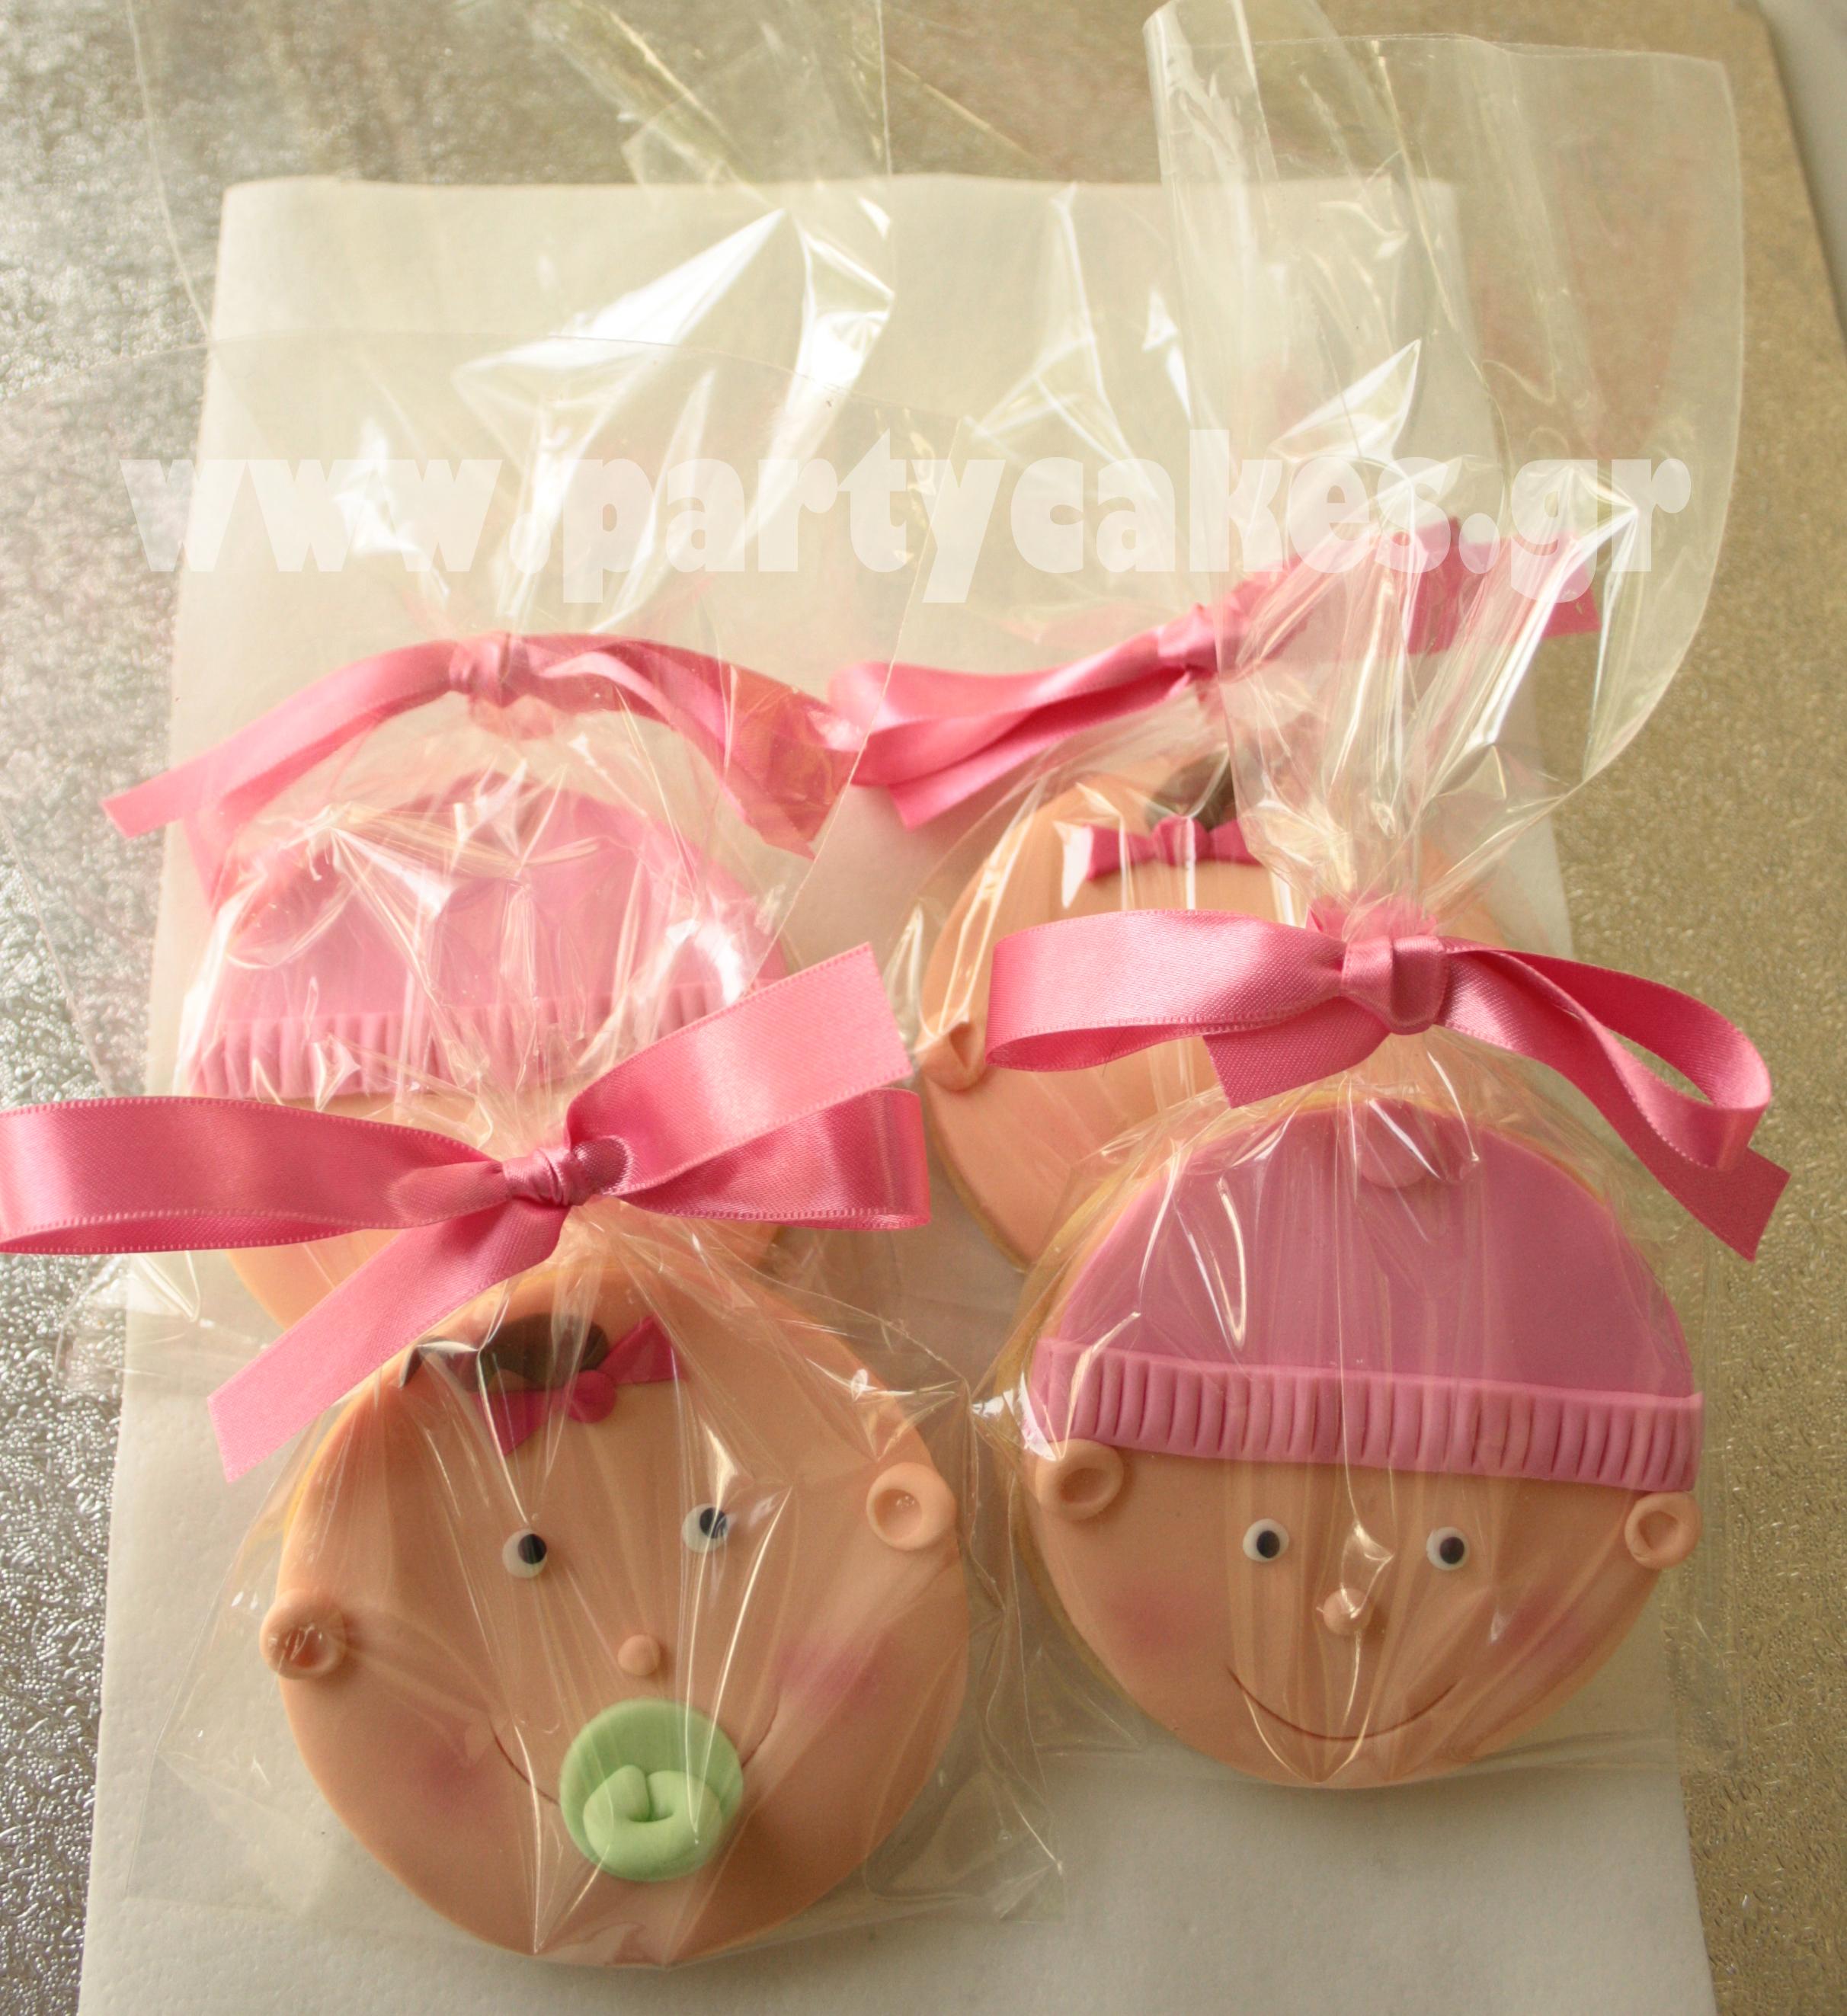 Baby+cookies+2+copy.jpg